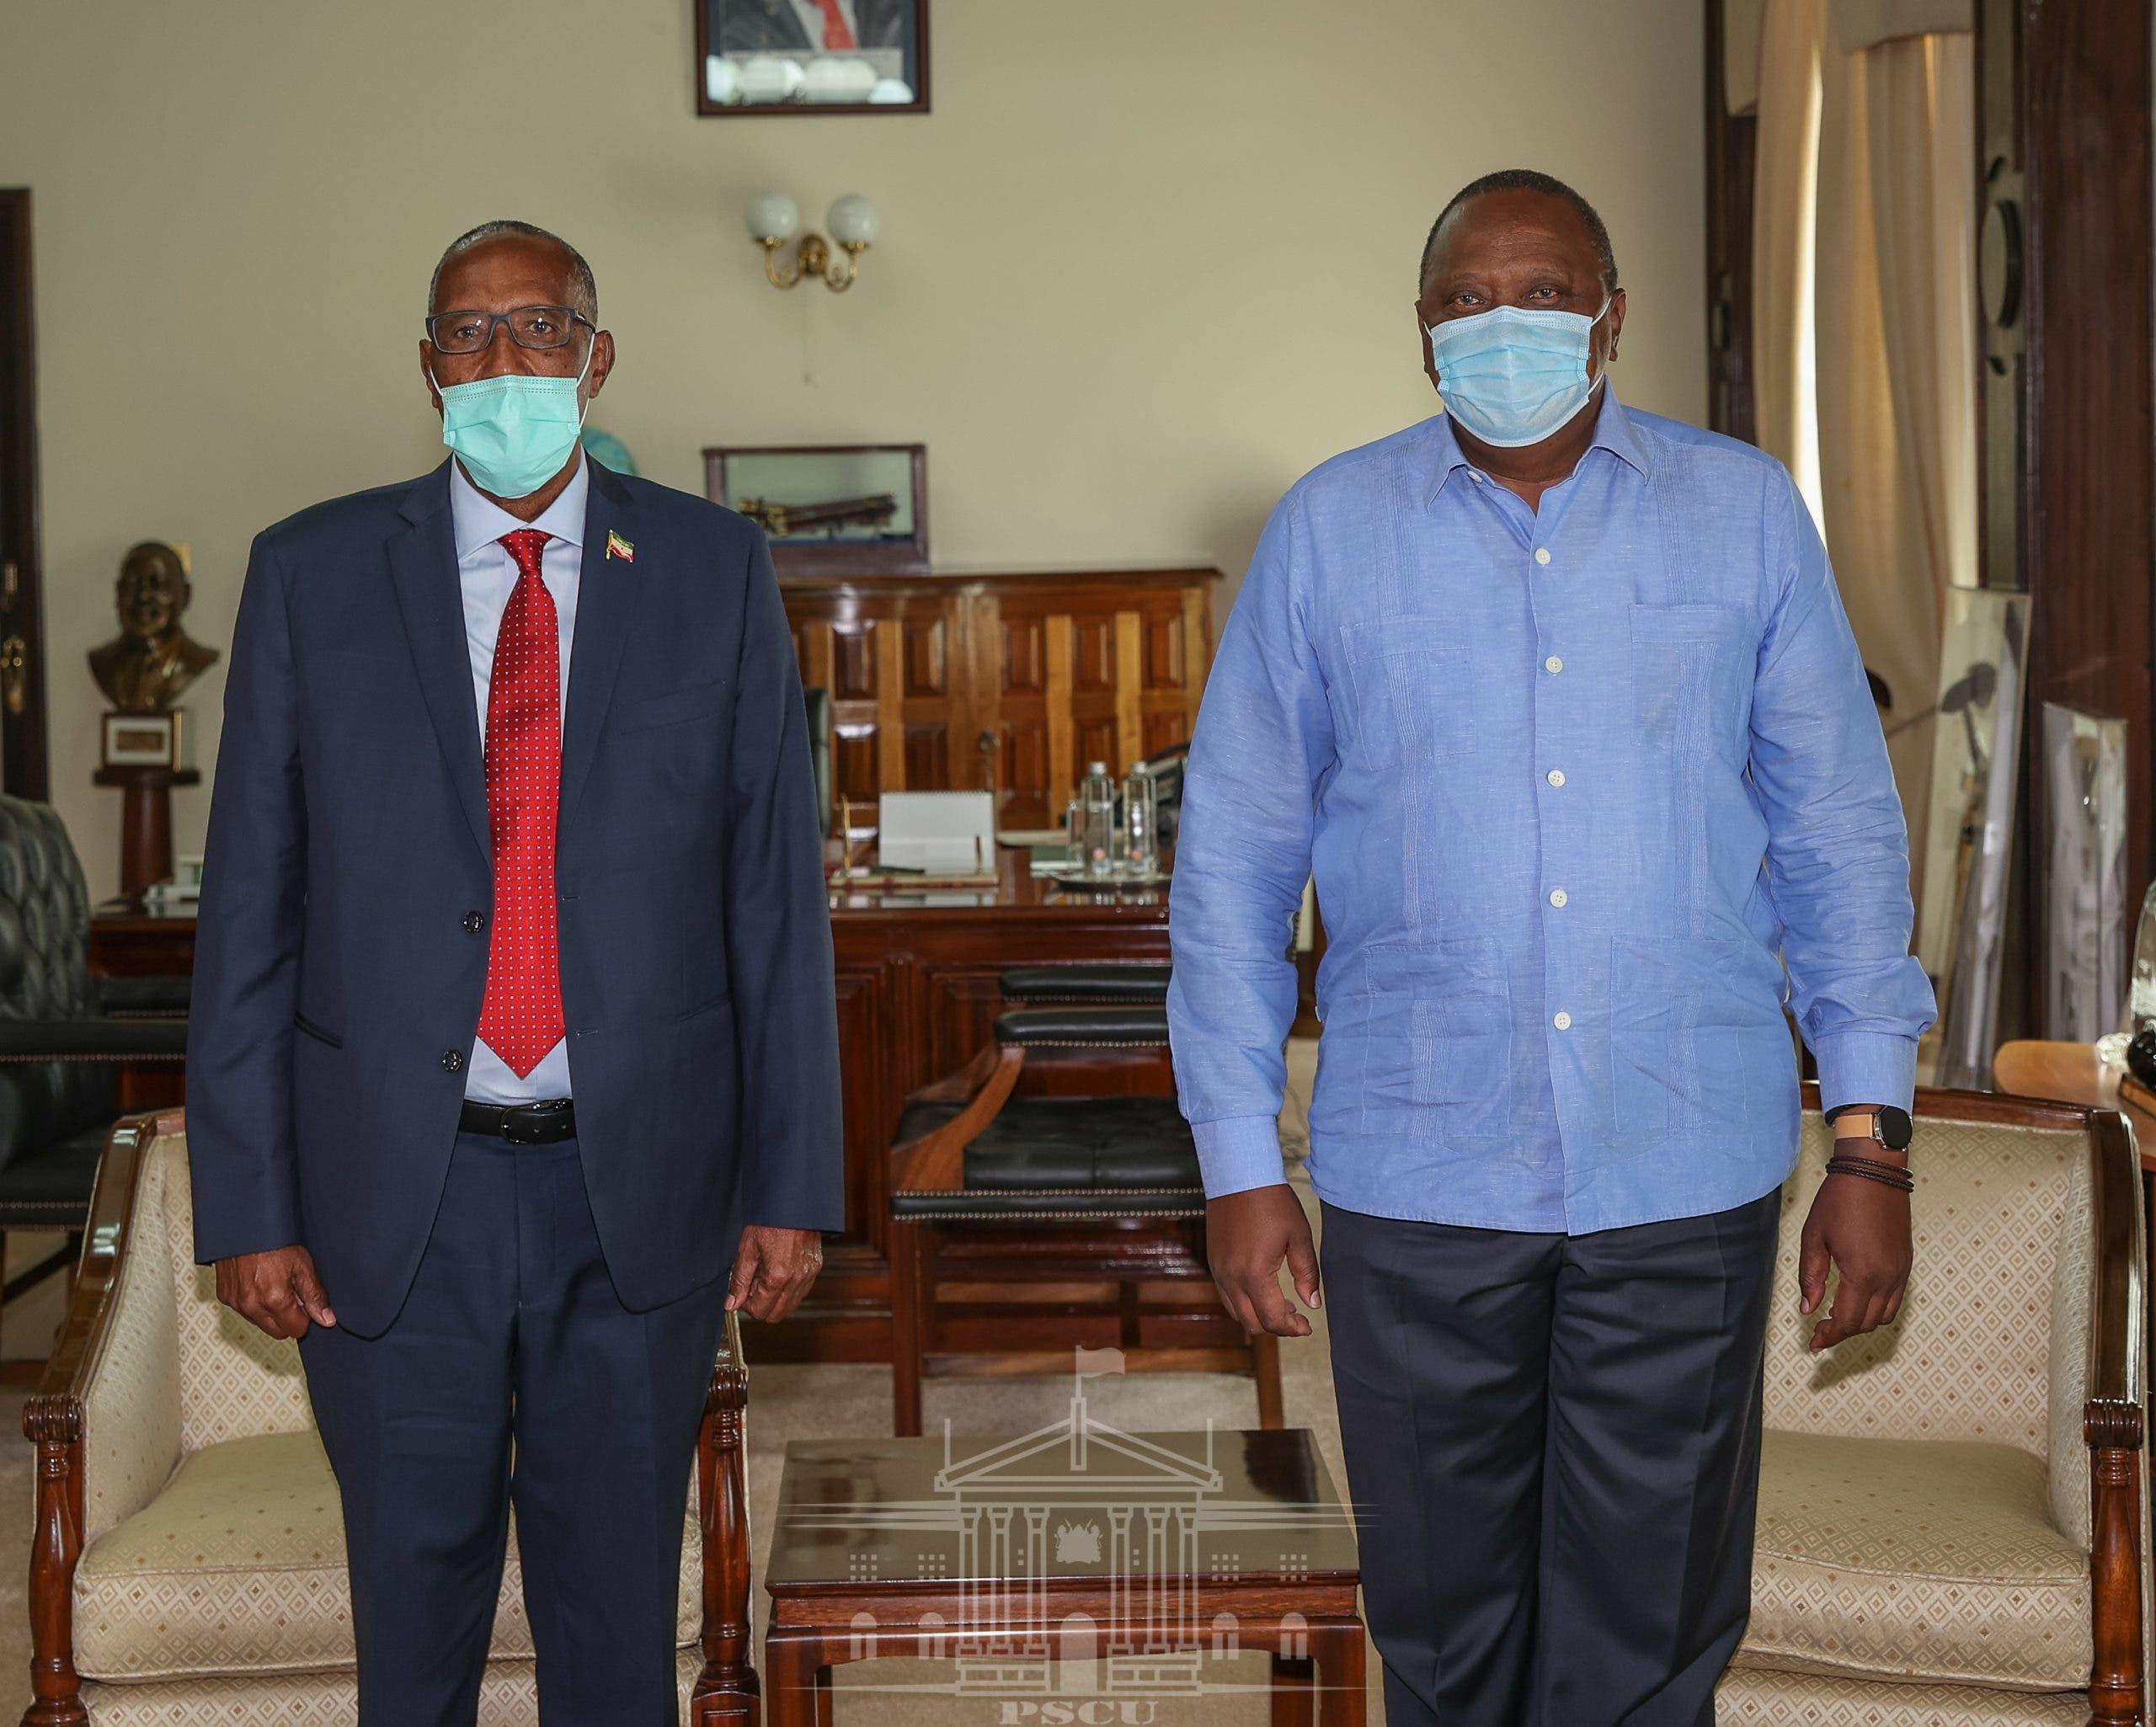 DEG DEG: Uhuru iyo Muuse Biixi oo heshiisyo gaaray iyo Kenya oo ogolaatay qodobo xasaasi ah